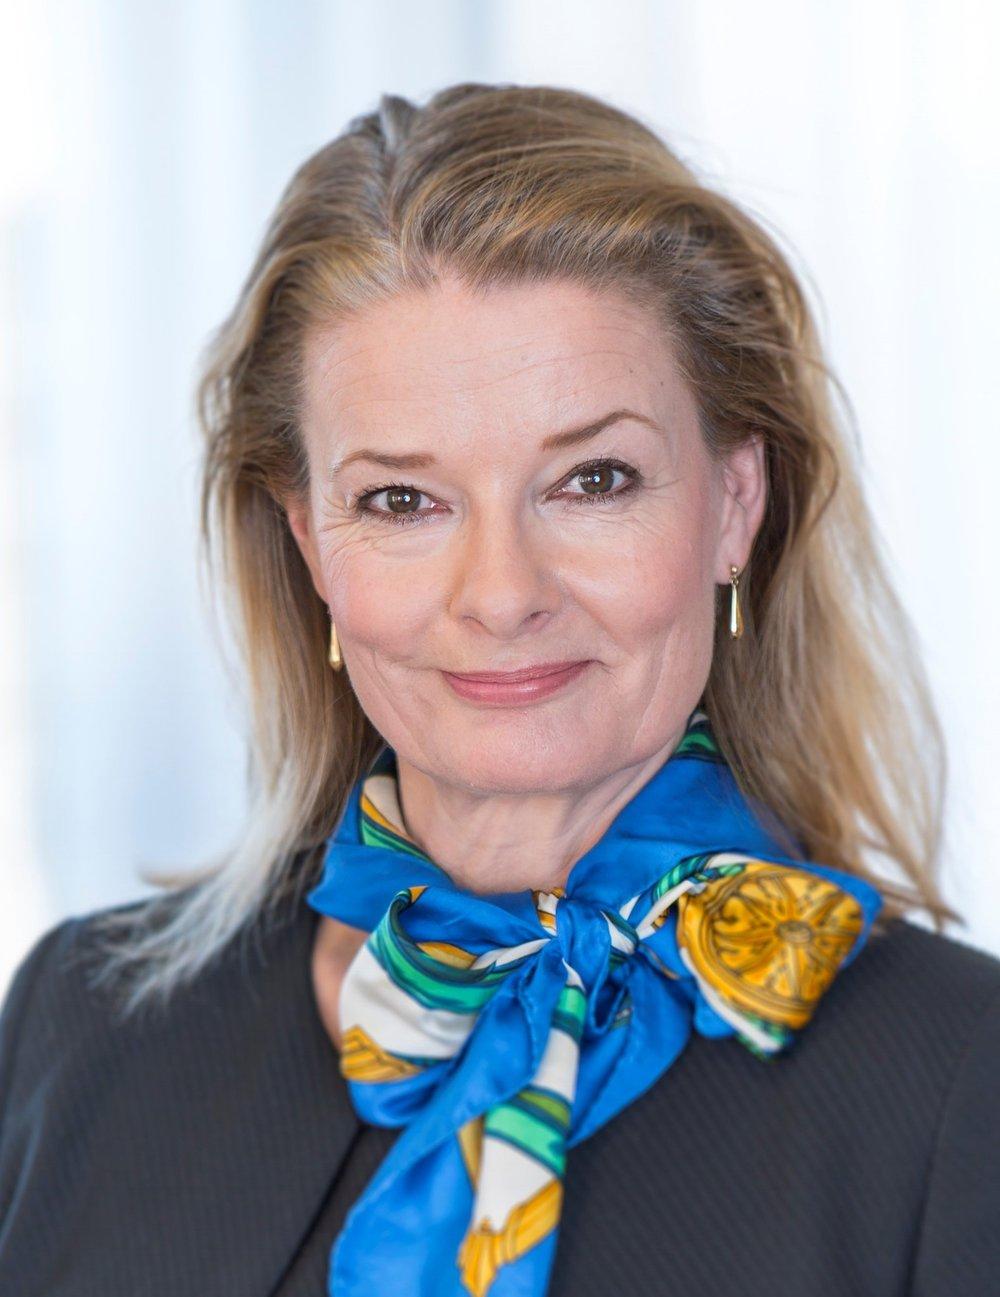 Lördag 15.30-15.45    Lotta Edholm  Oppositionsborgarråd samtalar med Riksdagskandidat Morgan Olofsson  Morgan Olofsson  (Liberalerna)